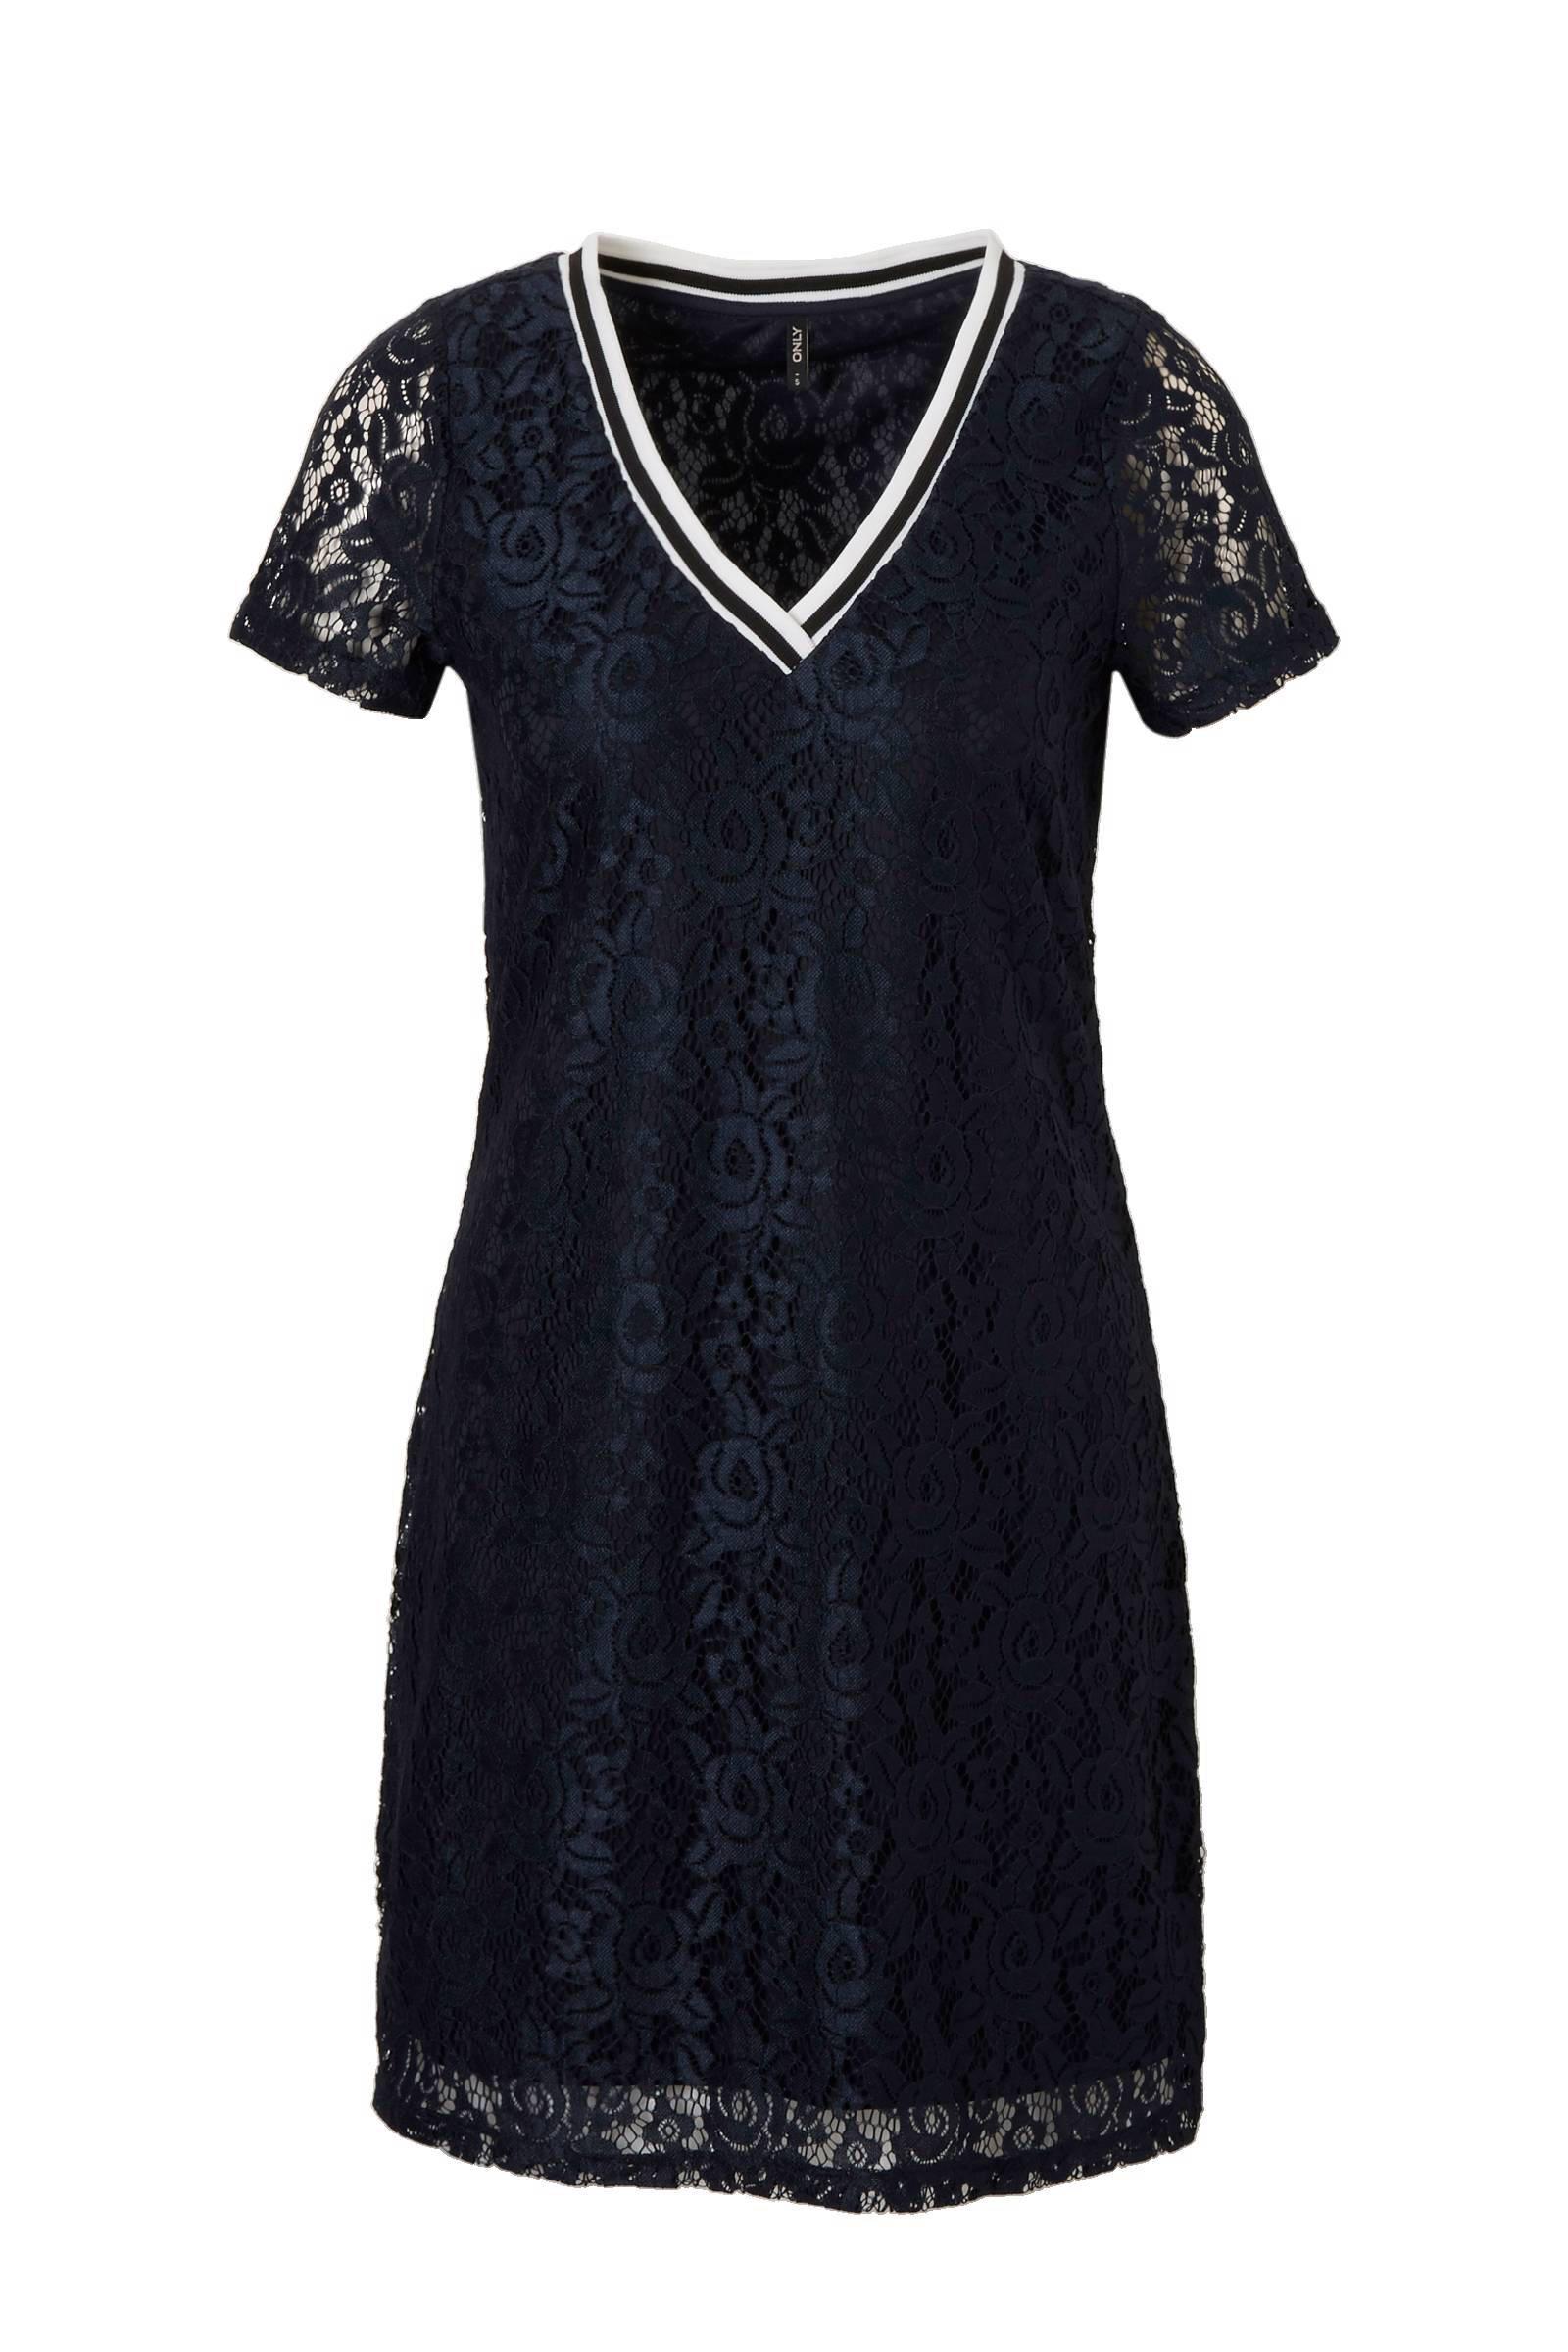 Populair ONLY kanten jurk | wehkamp #ZX13